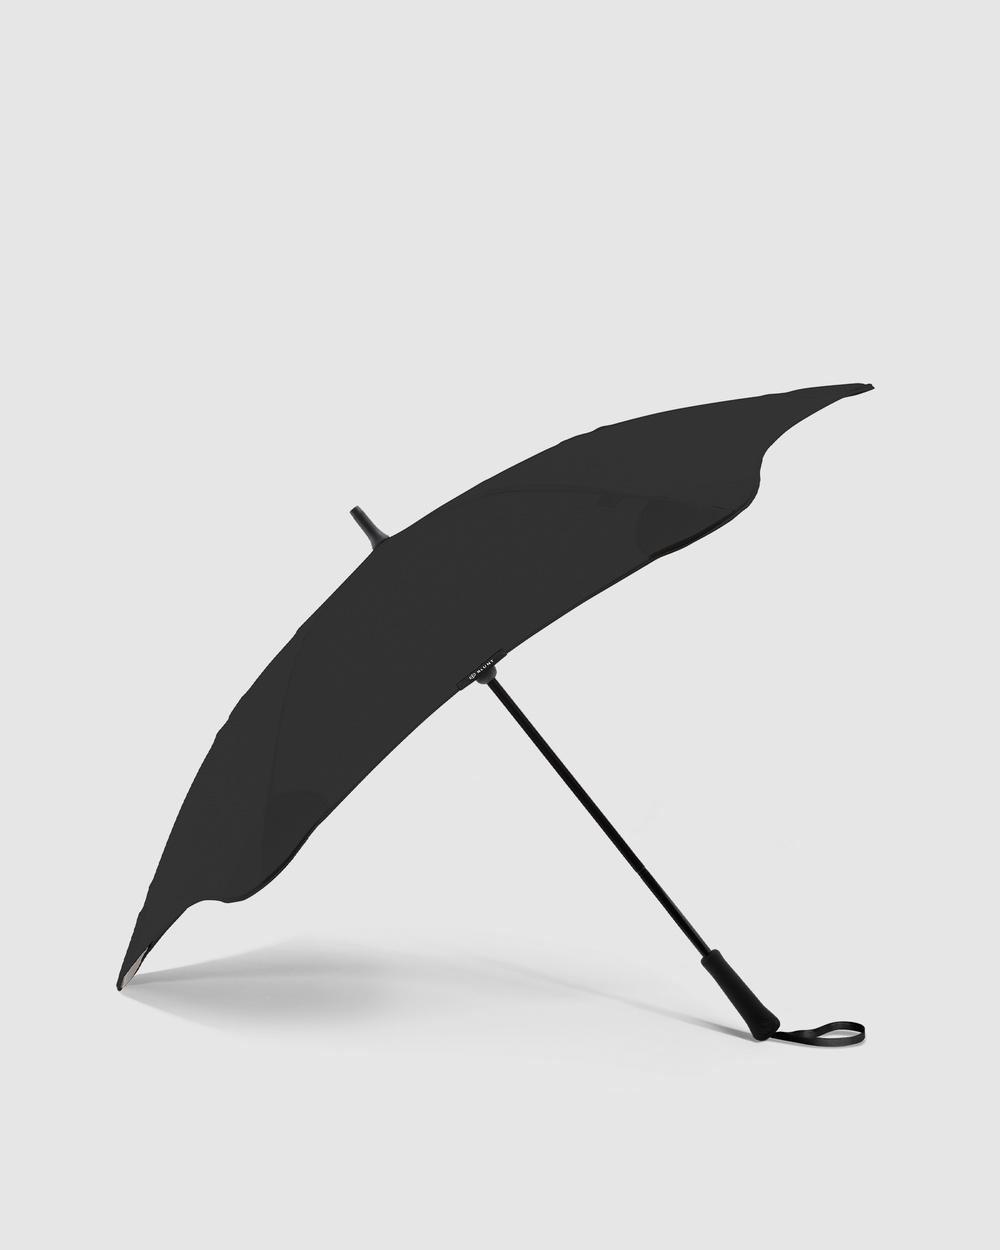 BLUNT Umbrellas Blunt Classic Umbrella Accessories Black